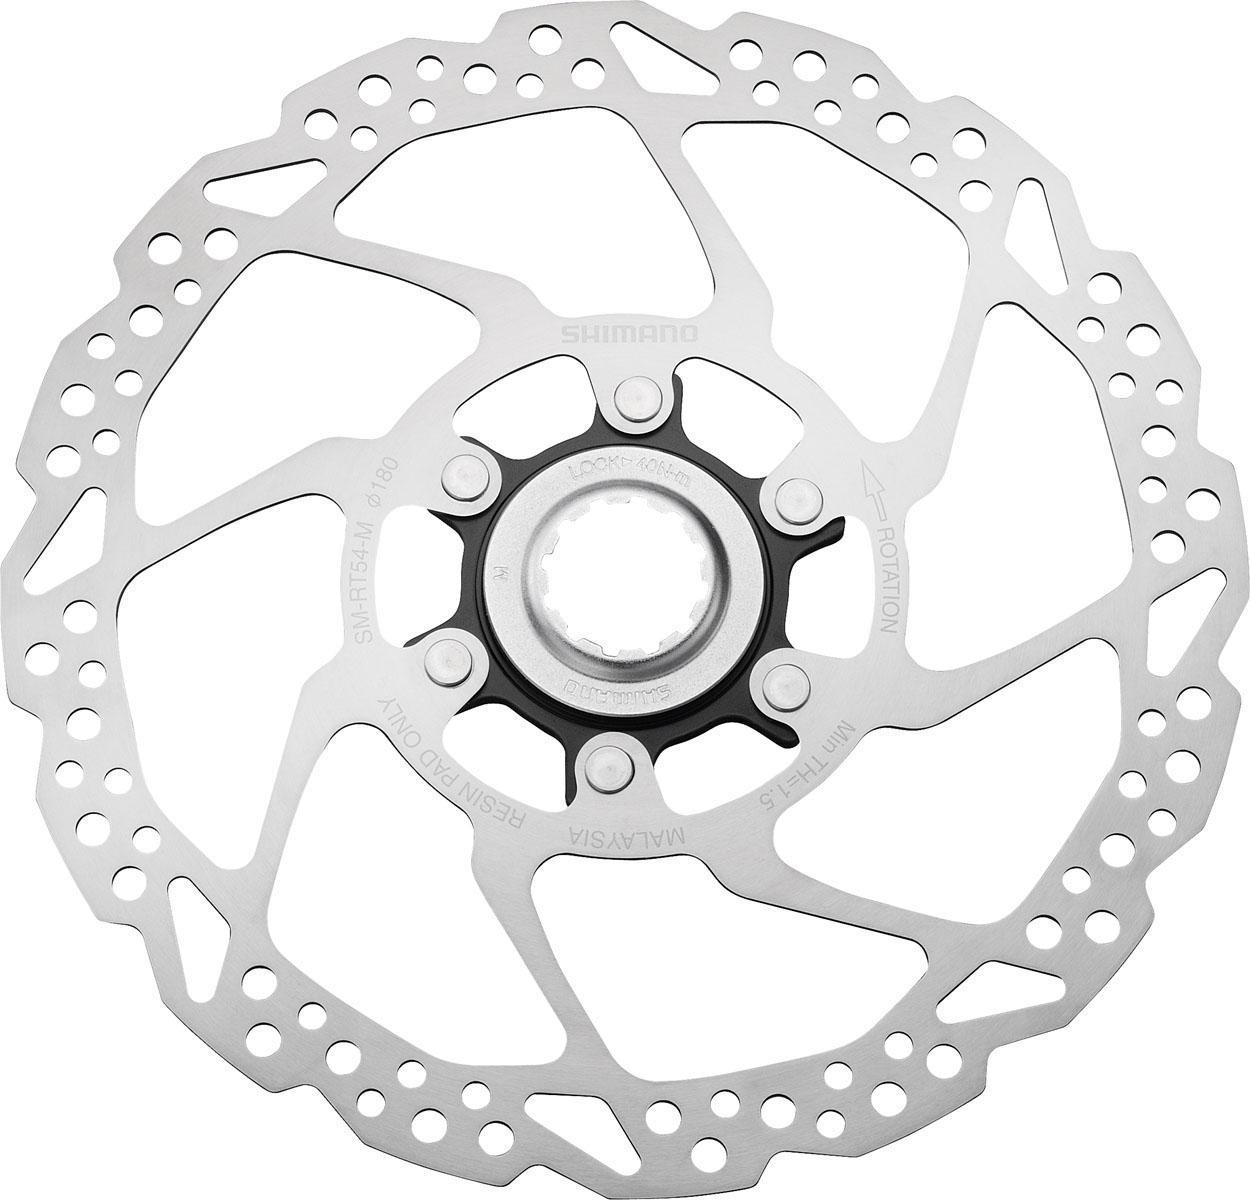 Shimano Bremsscheibe SM-RT54M (1-tlg) Technik & Freizeit/Sport & Freizeit/Fahrräder & Zubehör/Fahrradzubehör/Fahrradteile/Fahrradbremsen